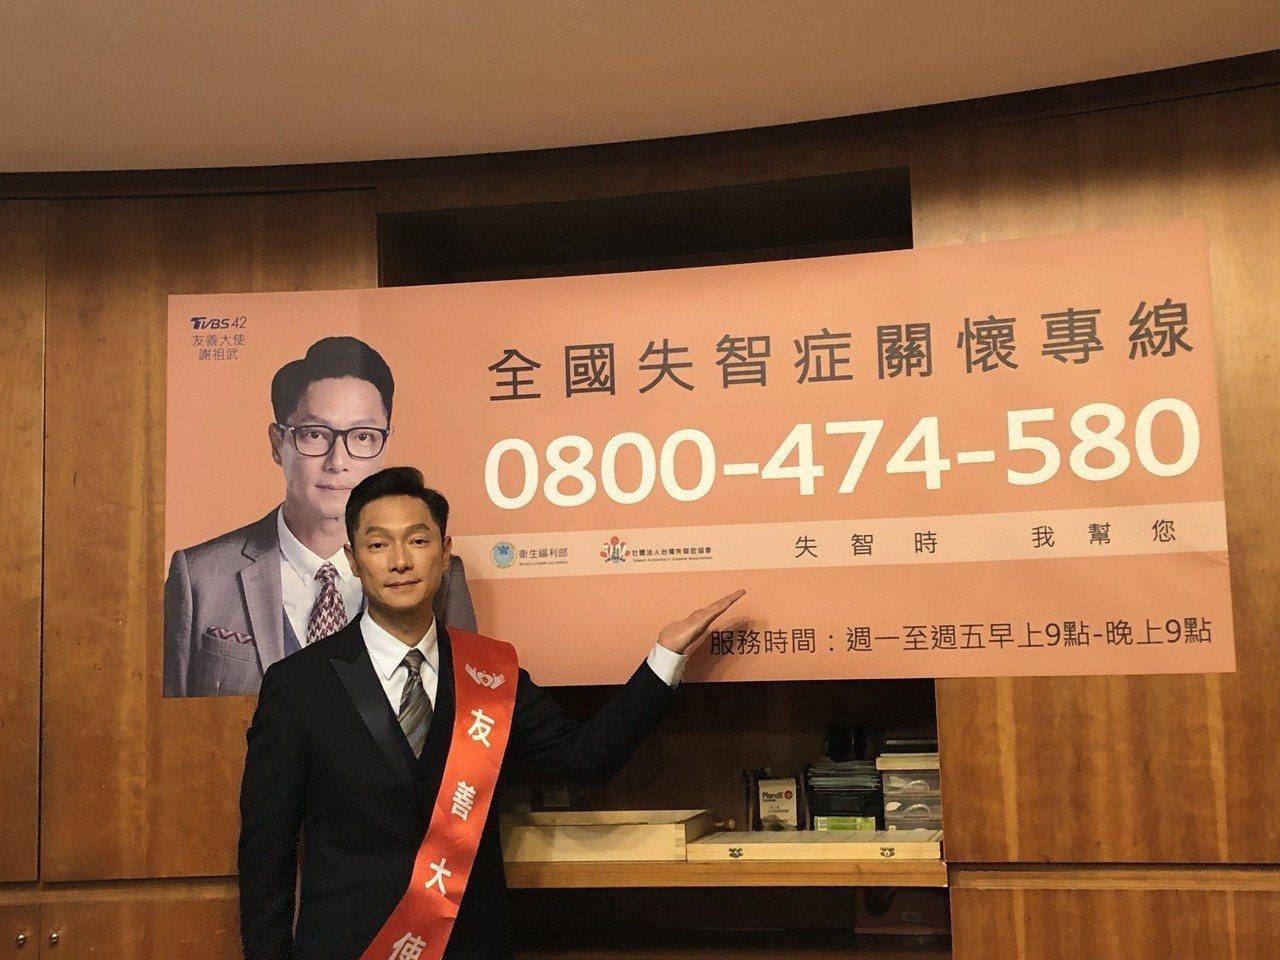 台灣失智人口快速增加,為幫助失智者及其家庭因應失智帶來的衝擊,衛福部與失智協會合...